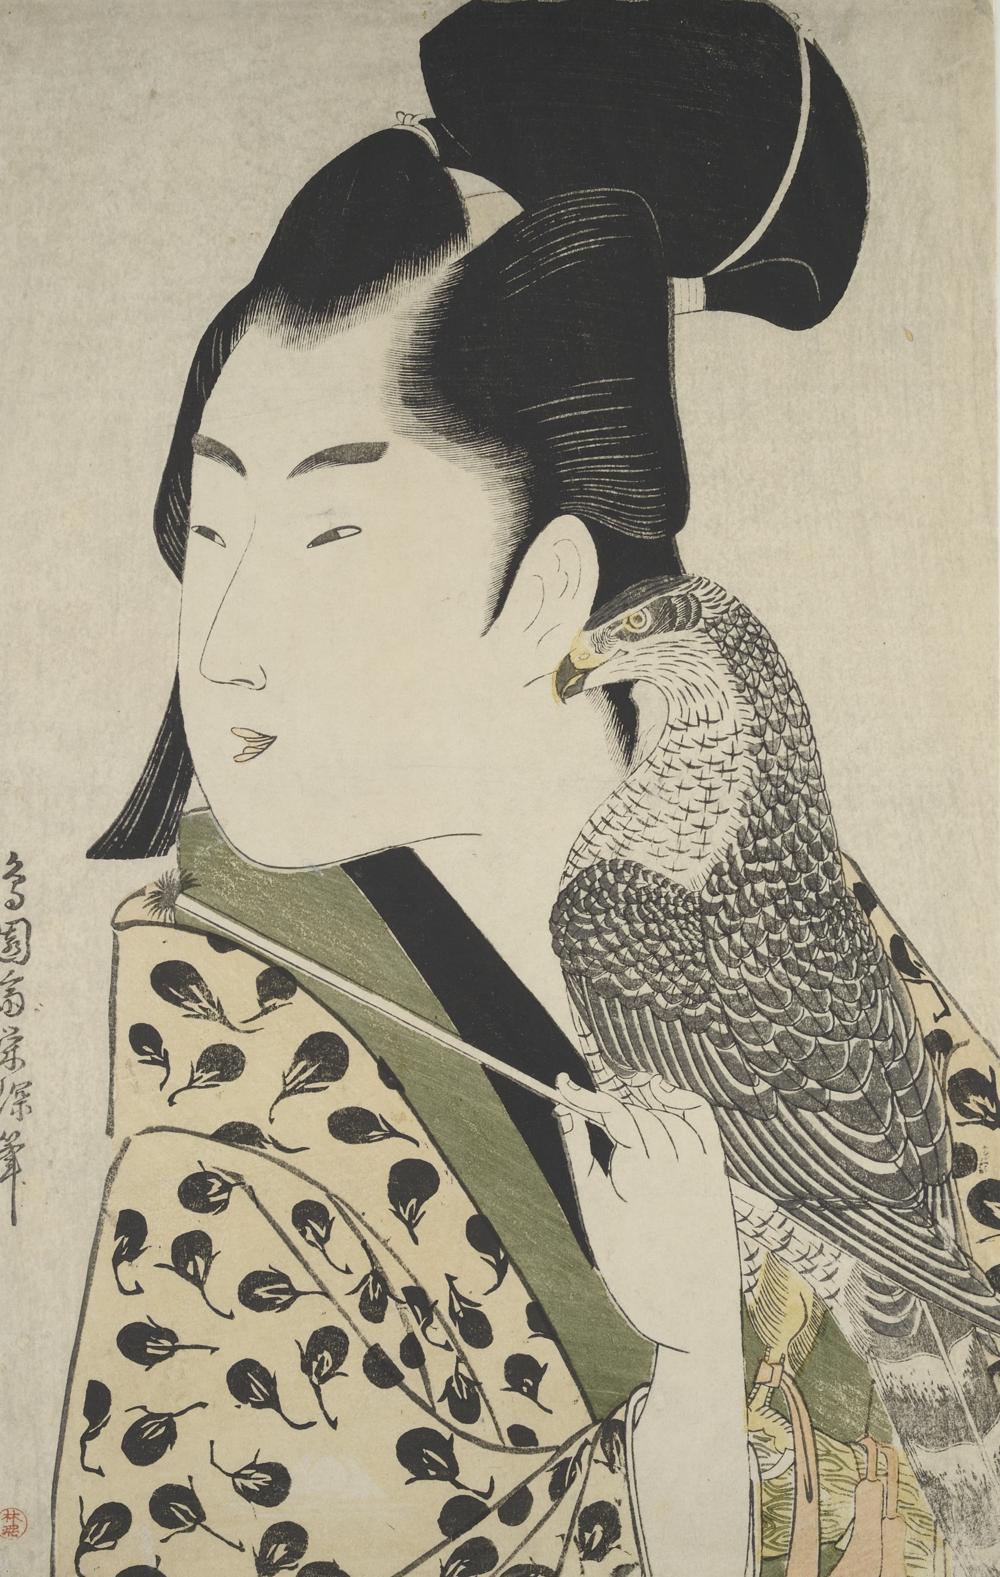 MKG_Hokusai_x_Manga_Eishin_Falkner